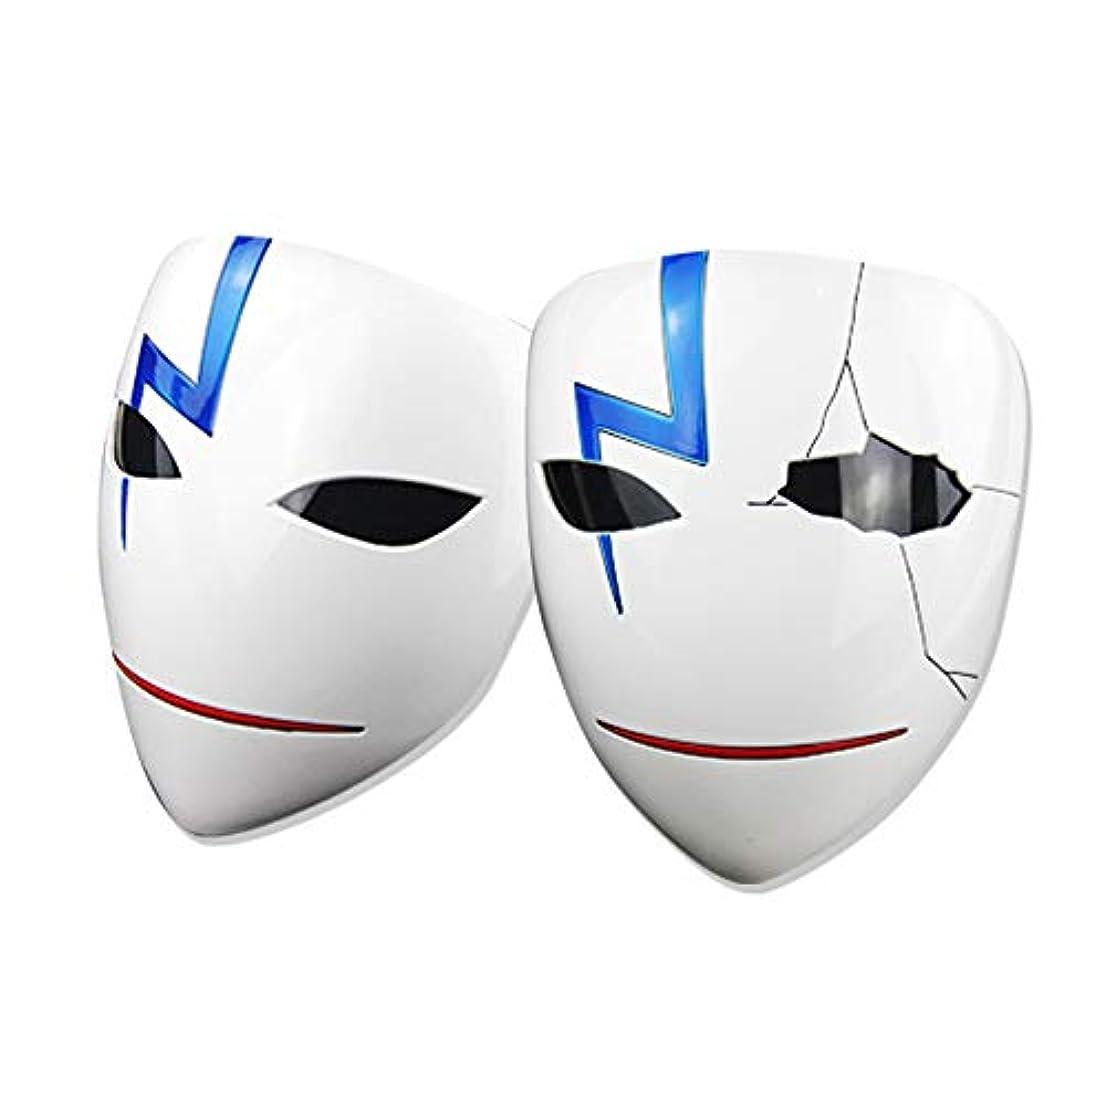 打ち上げる議論するよろしくブラックマスクコスプレプロップマスクアニメ男より暗いハロウィーン,2